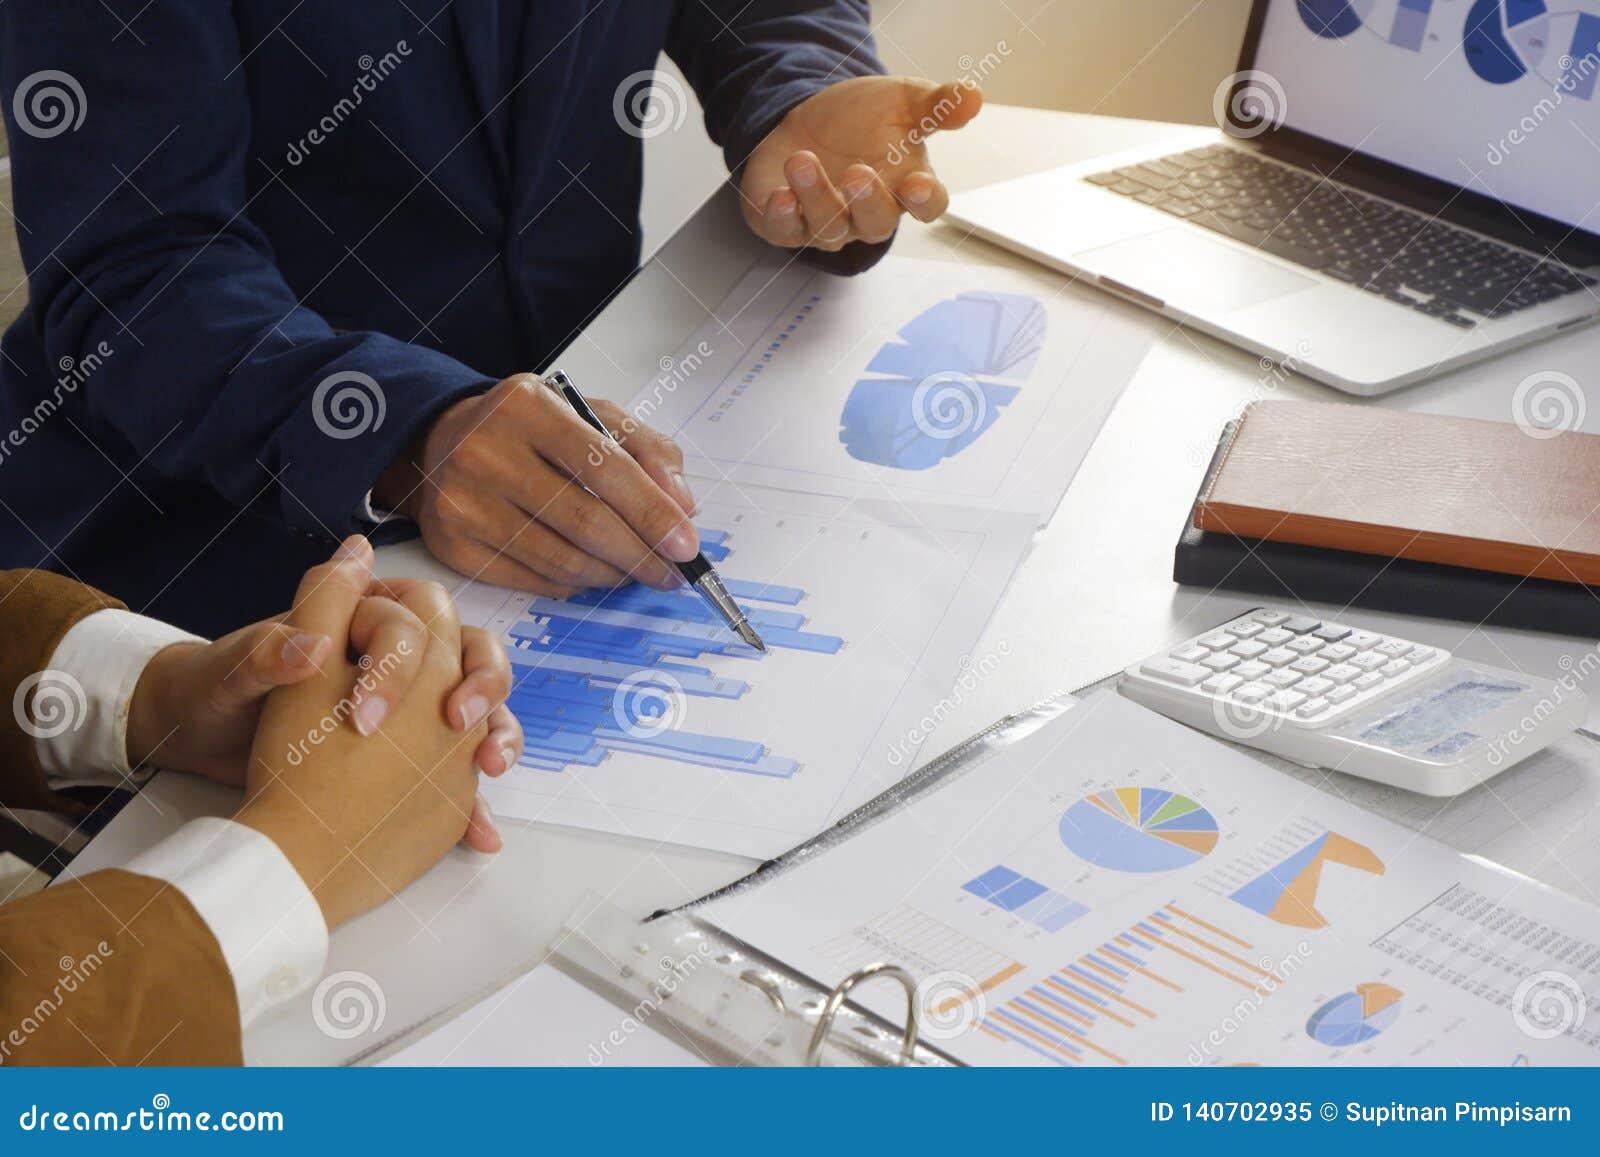 遇见设计想法,职业投资者的买卖人工作在起动新的项目的办公室